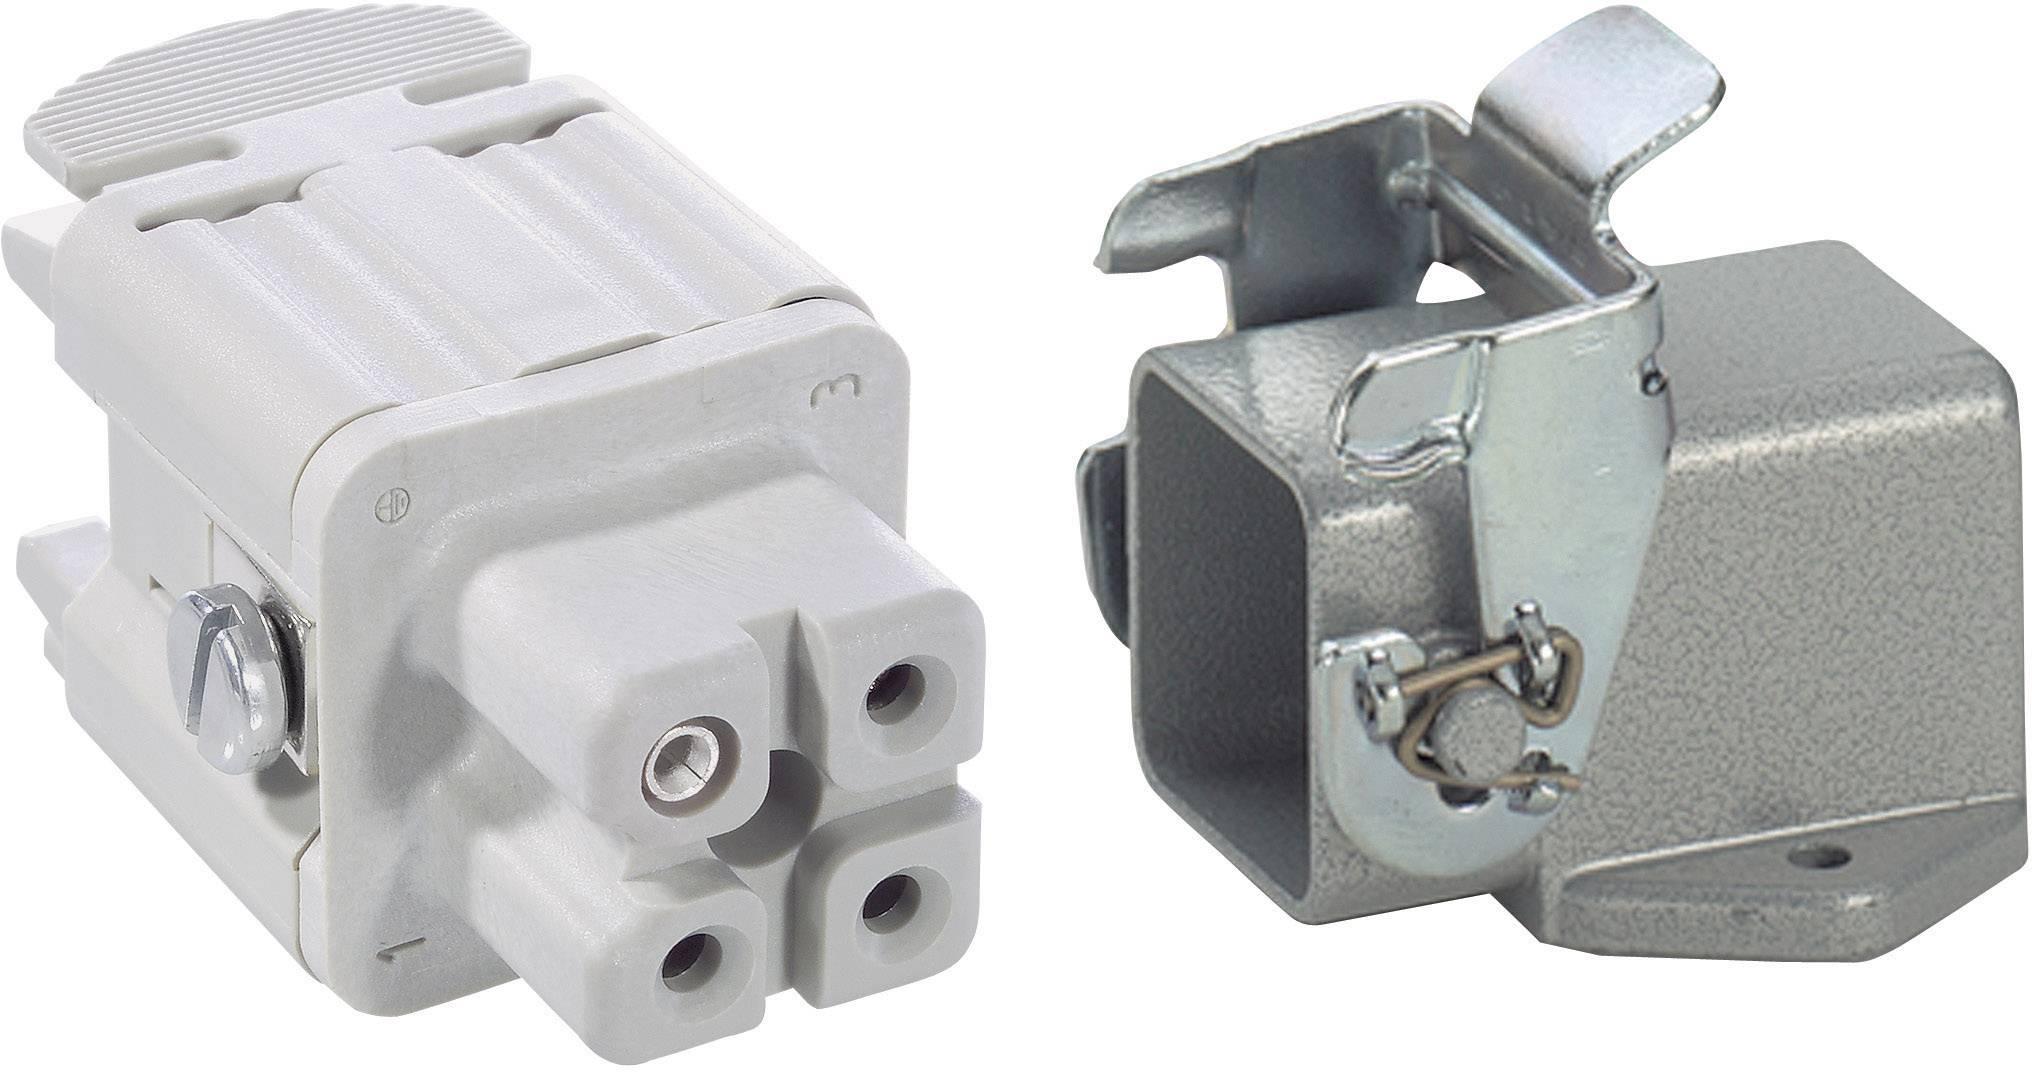 Sada konektorů EPIC®KIT H-A 3 75009608 LAPP 3 + PE šroubovací 1 sada